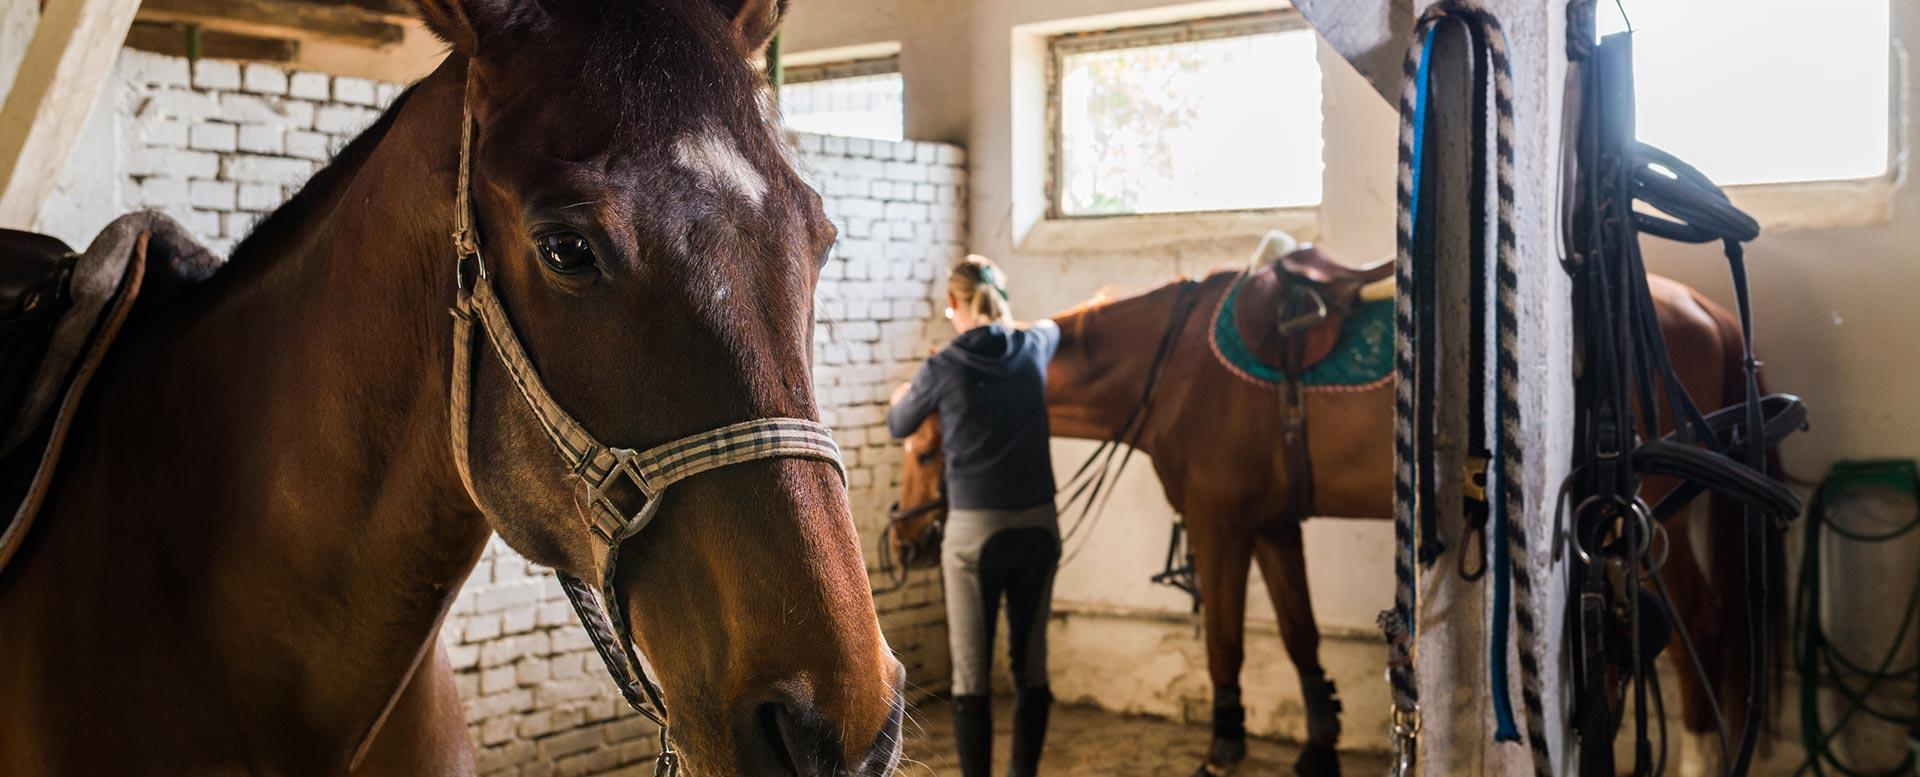 Pferdeversicherung - das gehört dazu